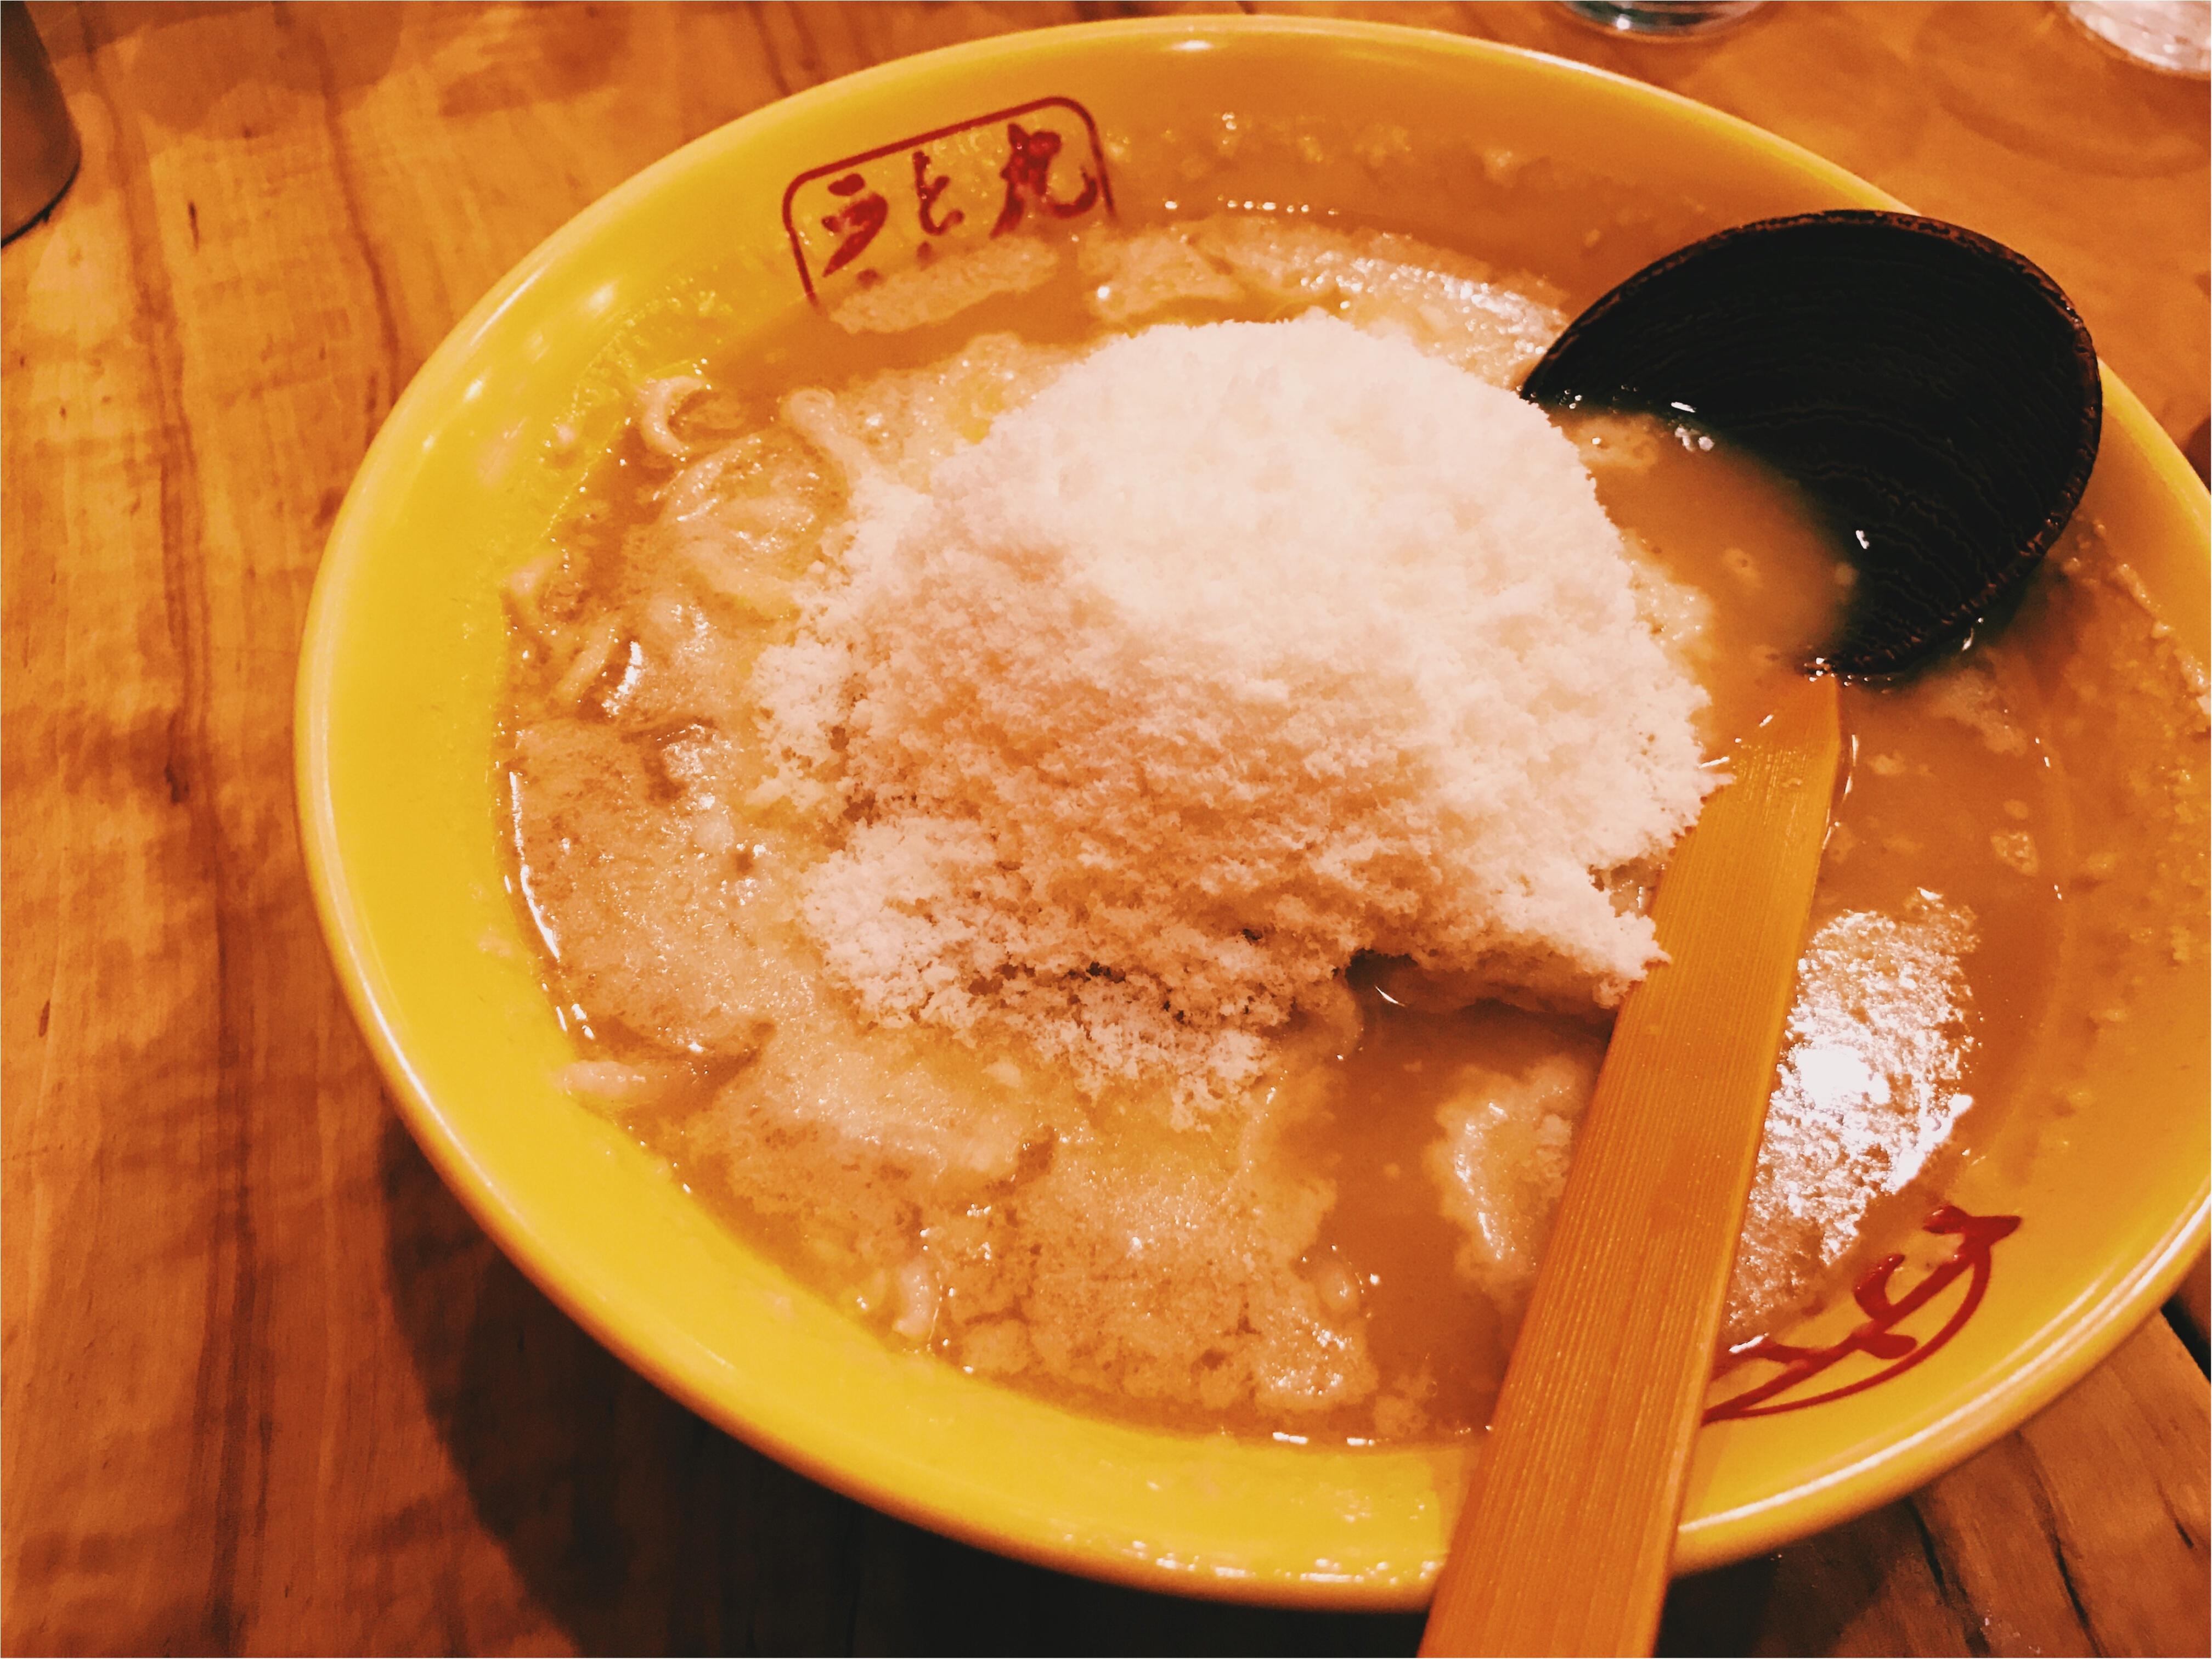 《チーズ好き必見‼︎》北海道十勝ゴールデンゴーダチーズ使用!激うまな『チーズラーメン』を食べてみた♡_2